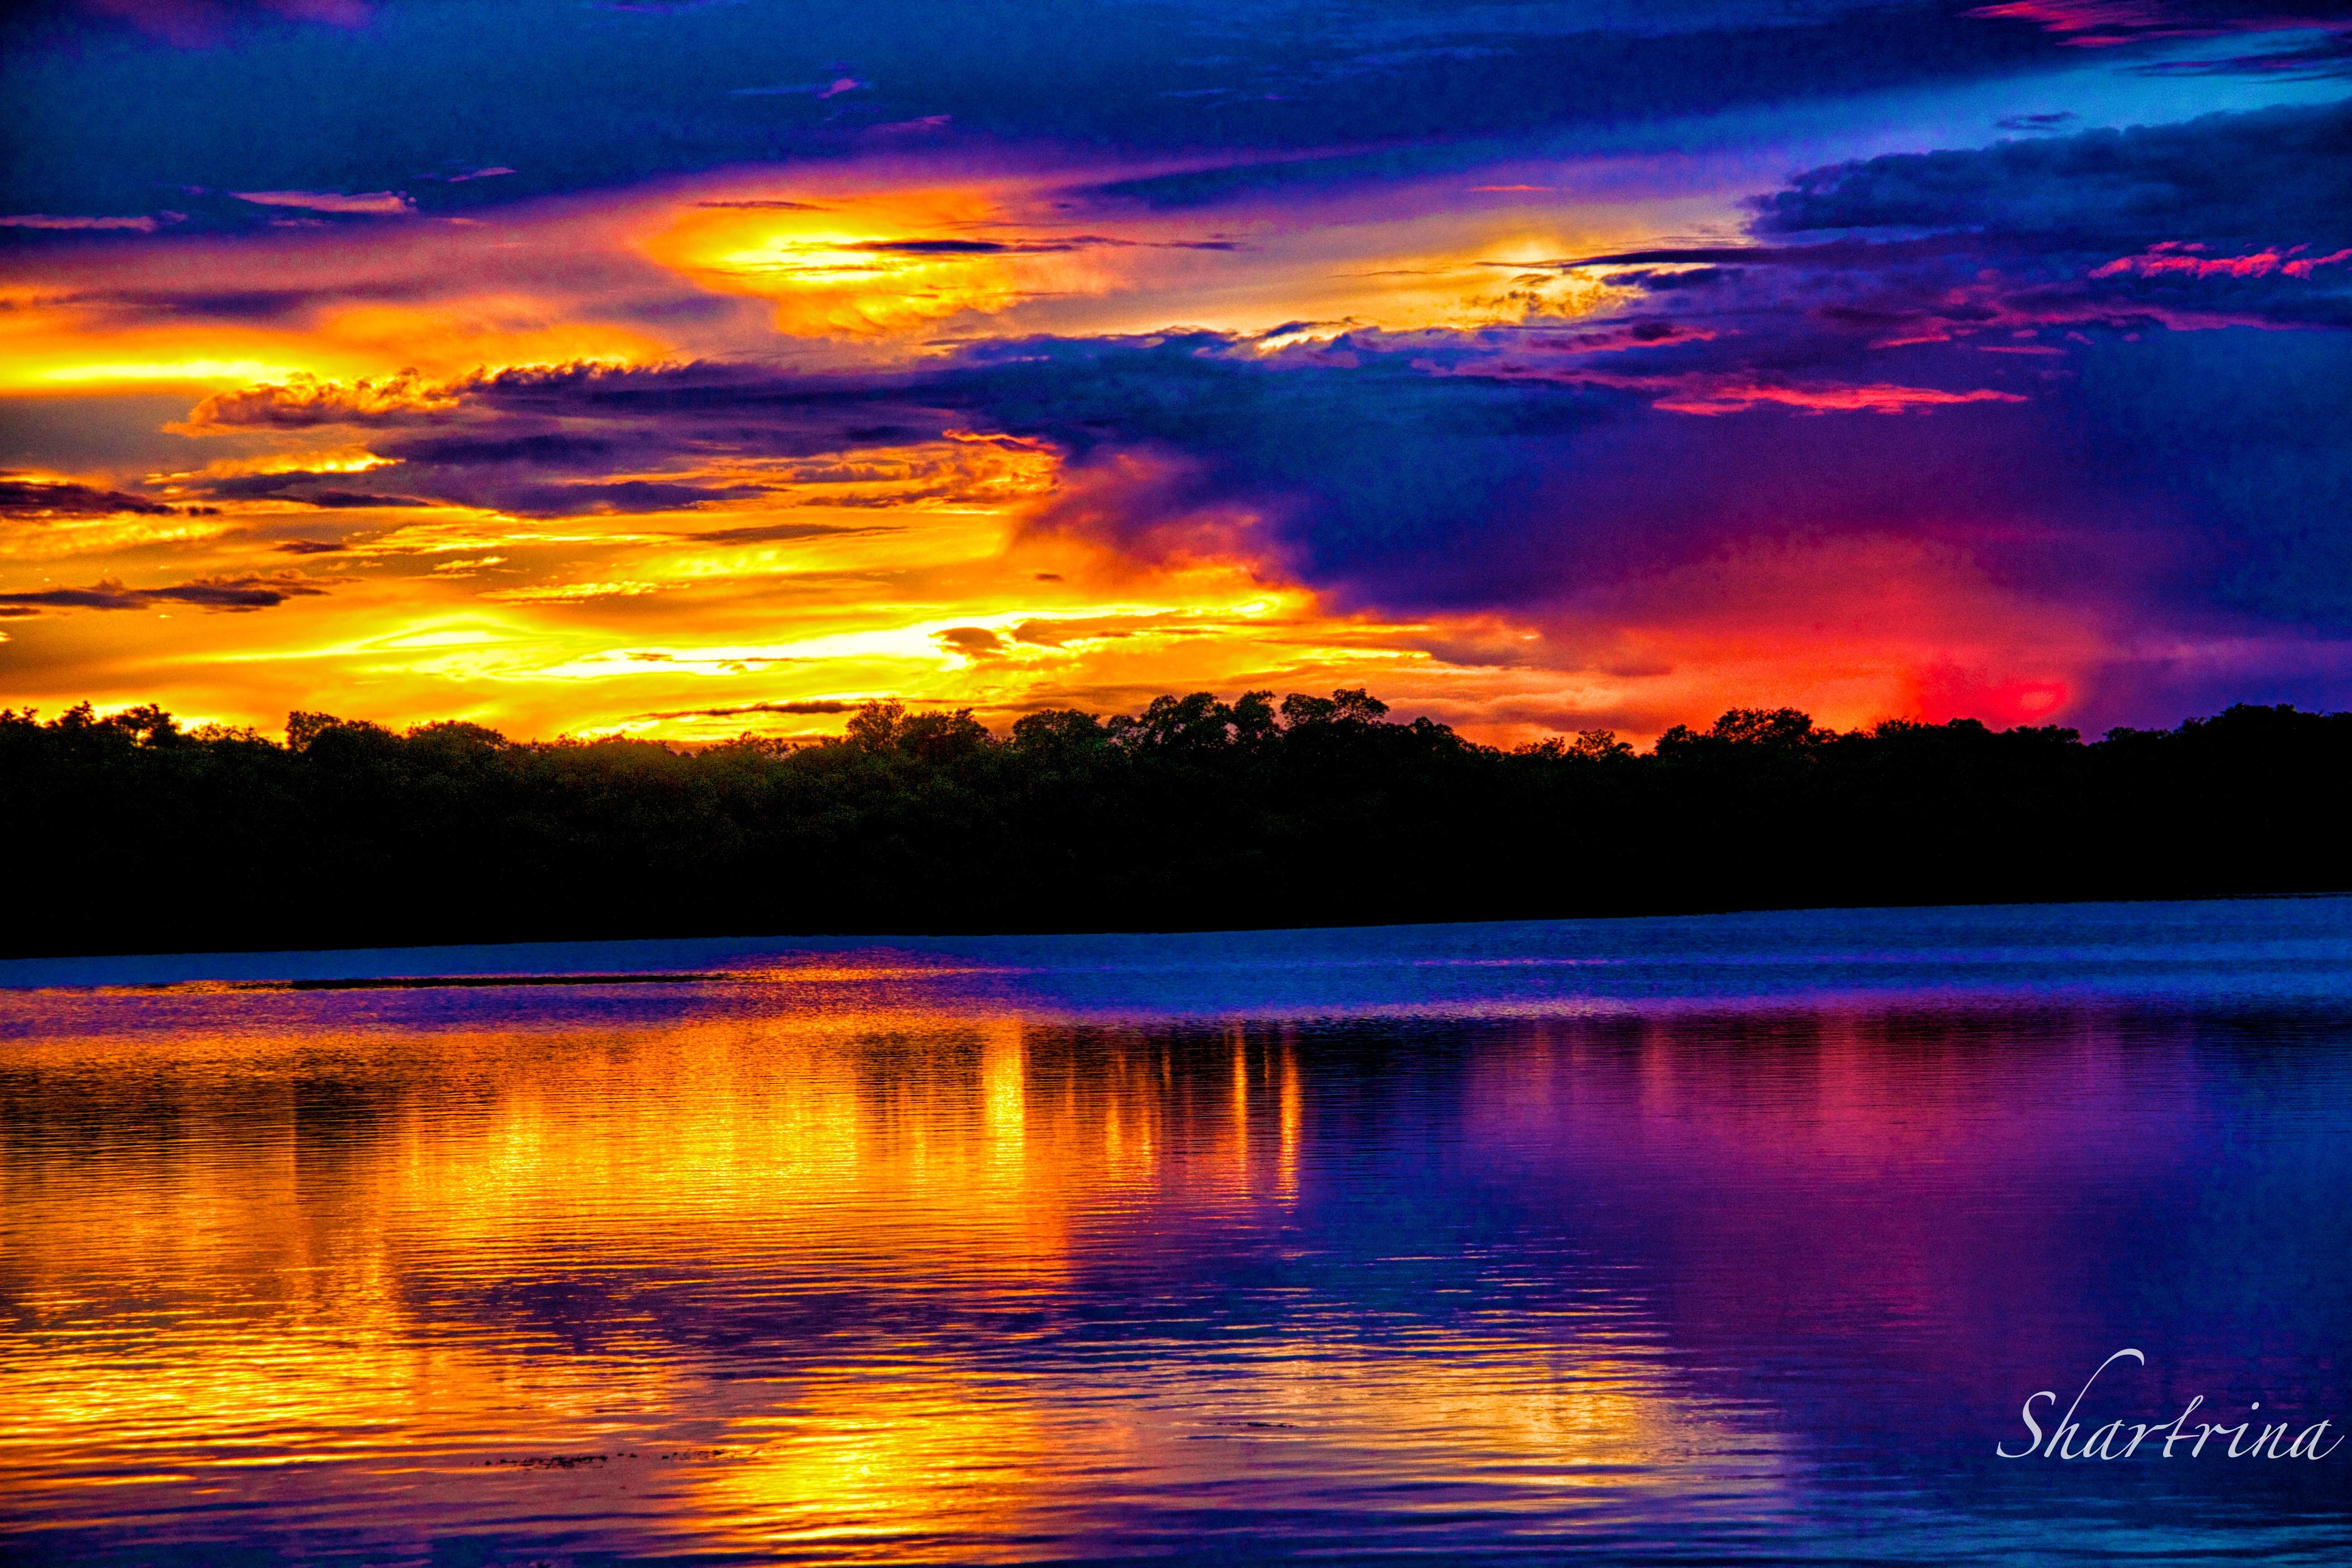 Unique sunset photo